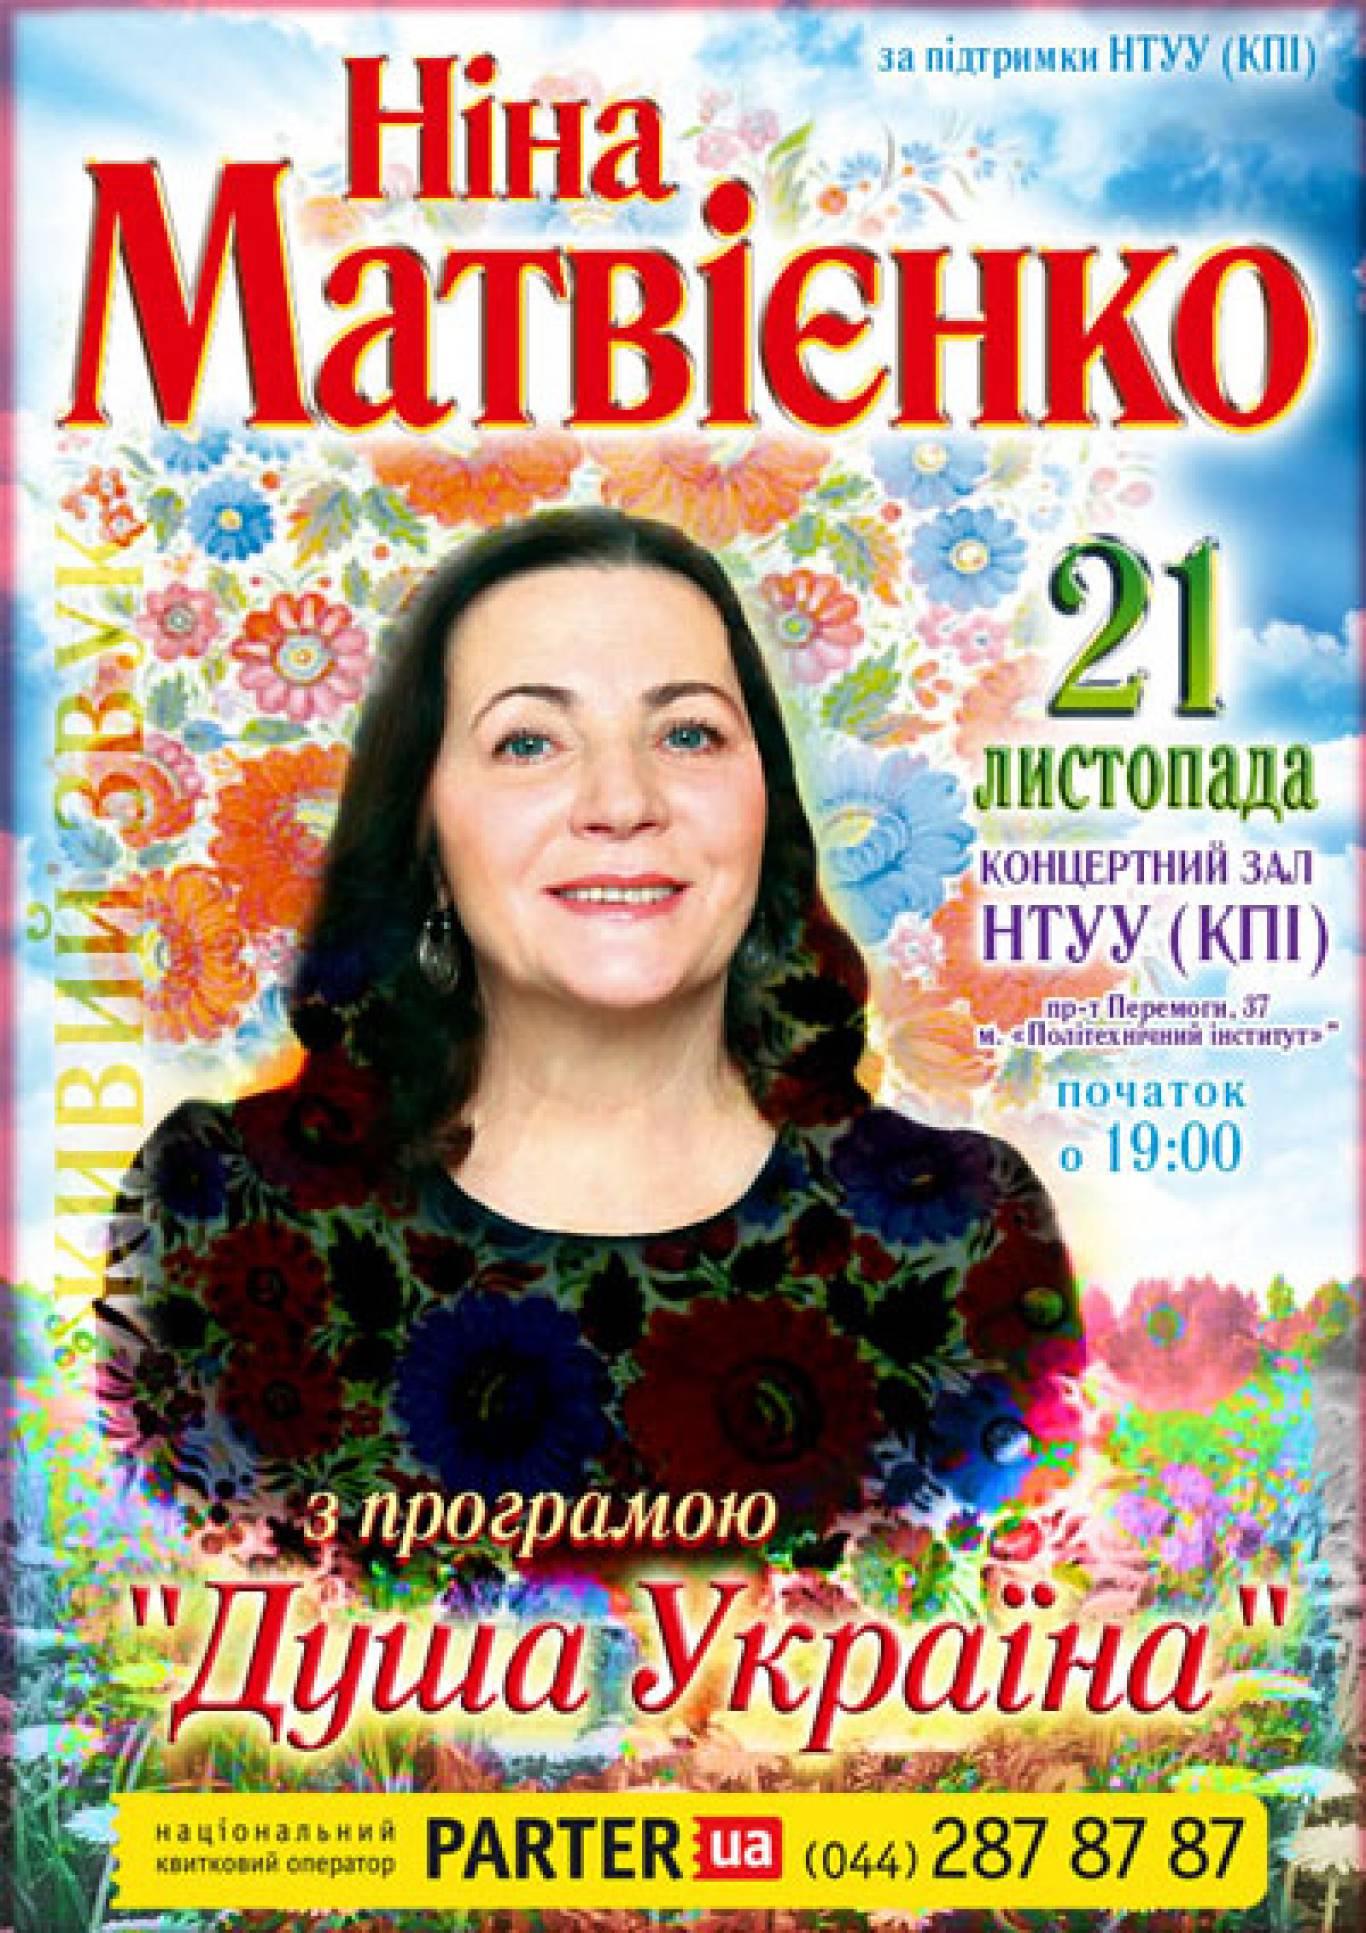 Ніна Матвієнко: концерт у ПК КПІ